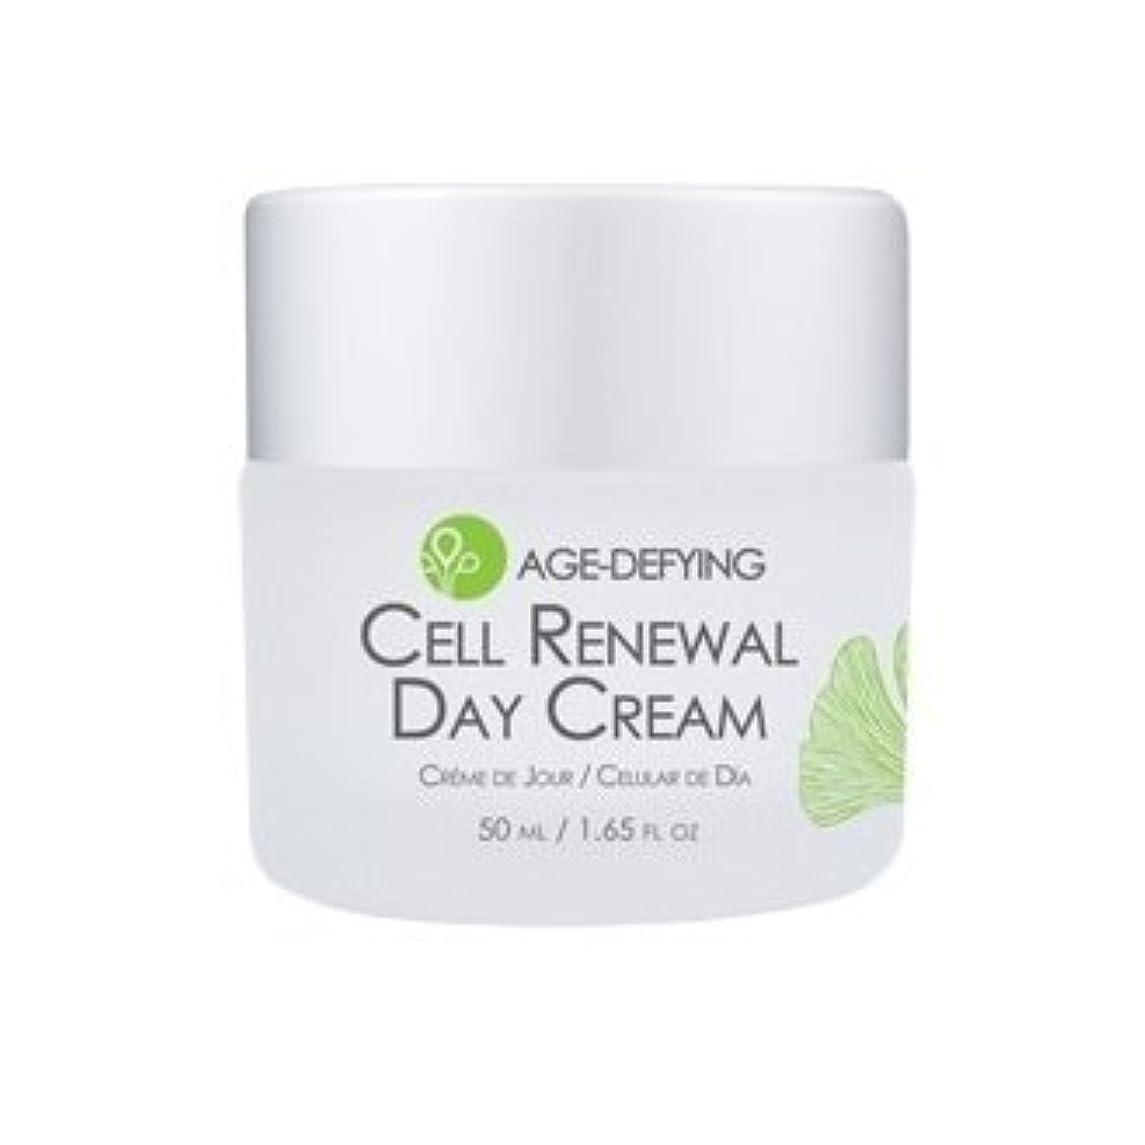 定期的な人間かんたんDoctor D. Schwab Cell Renewal Day Cream 1.65oz [並行輸入品]